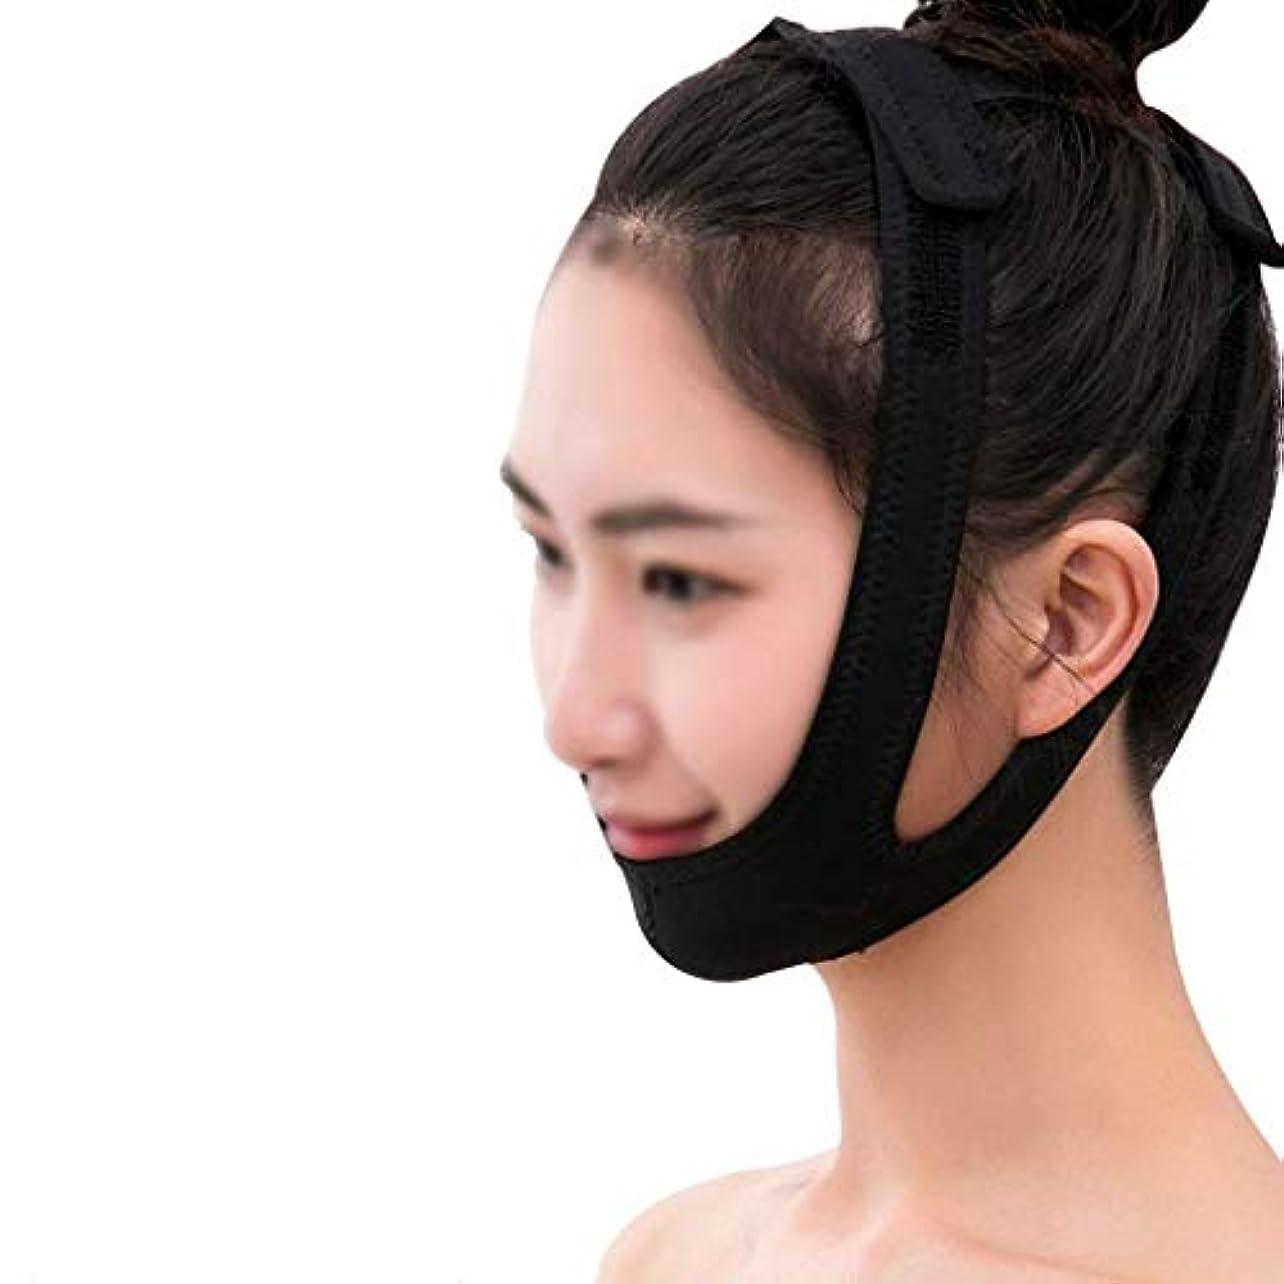 集計後カナダフェイシャルリフティングマスク、医療用ワイヤーカービングリカバリーヘッドギアVフェイスバンデージダブルチンフェイスリフトマスク